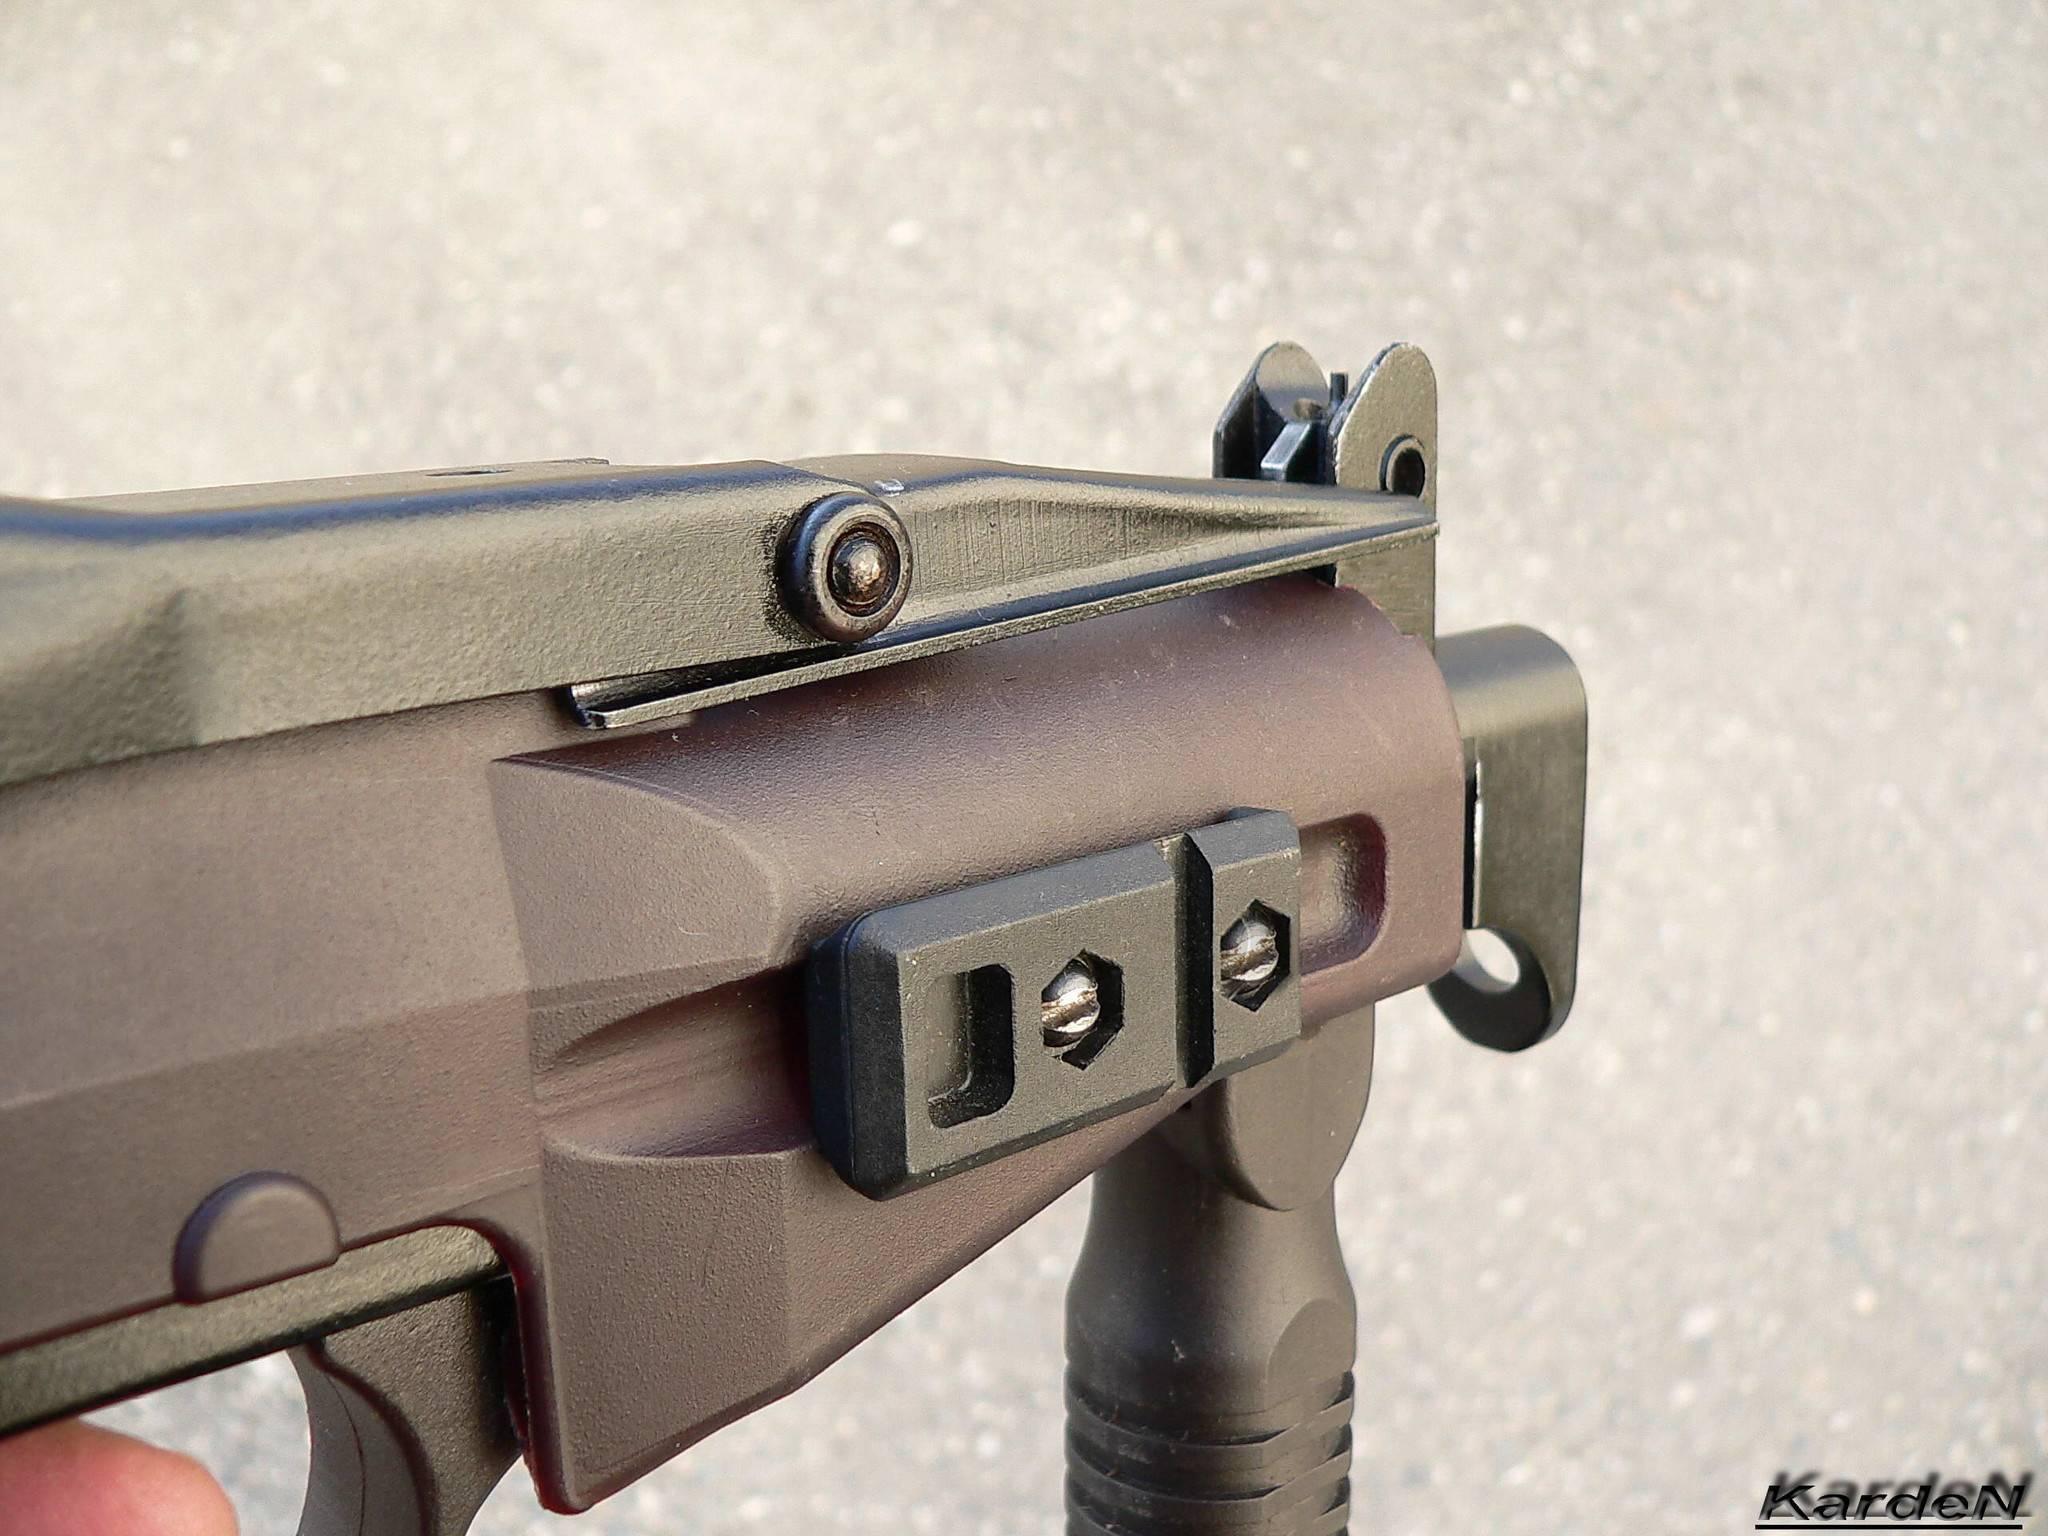 Российский пистолет-пулемет вереск: фото, характеристики, достоинства и недостатки